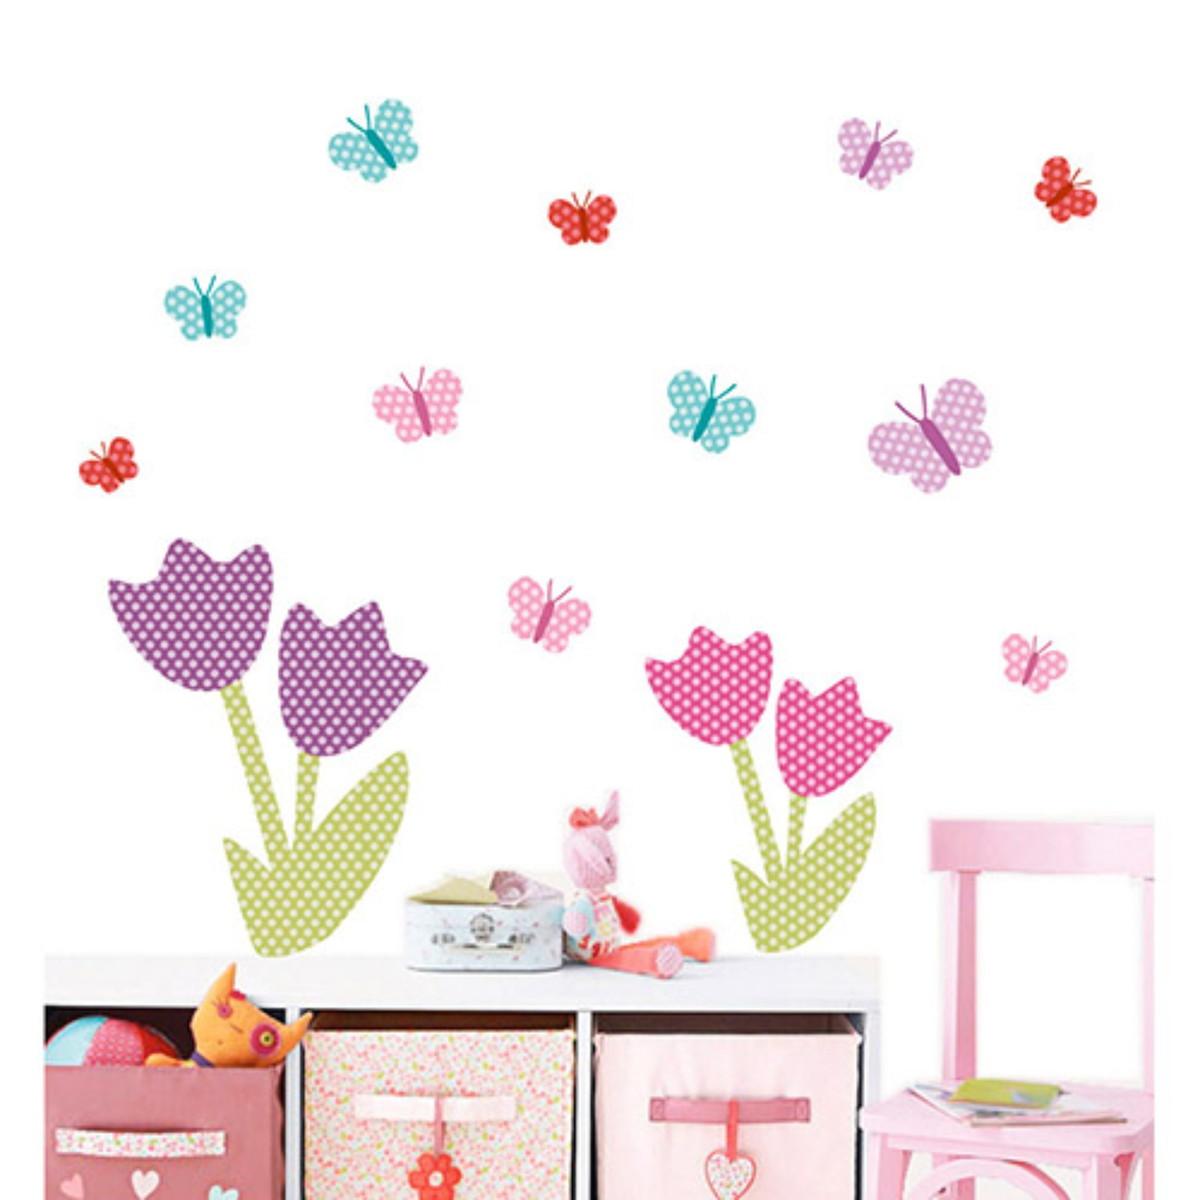 mini jardim de parede:-de-parede-mini-jardim-adesivo-floral adesivo-de-parede-mini-jardim